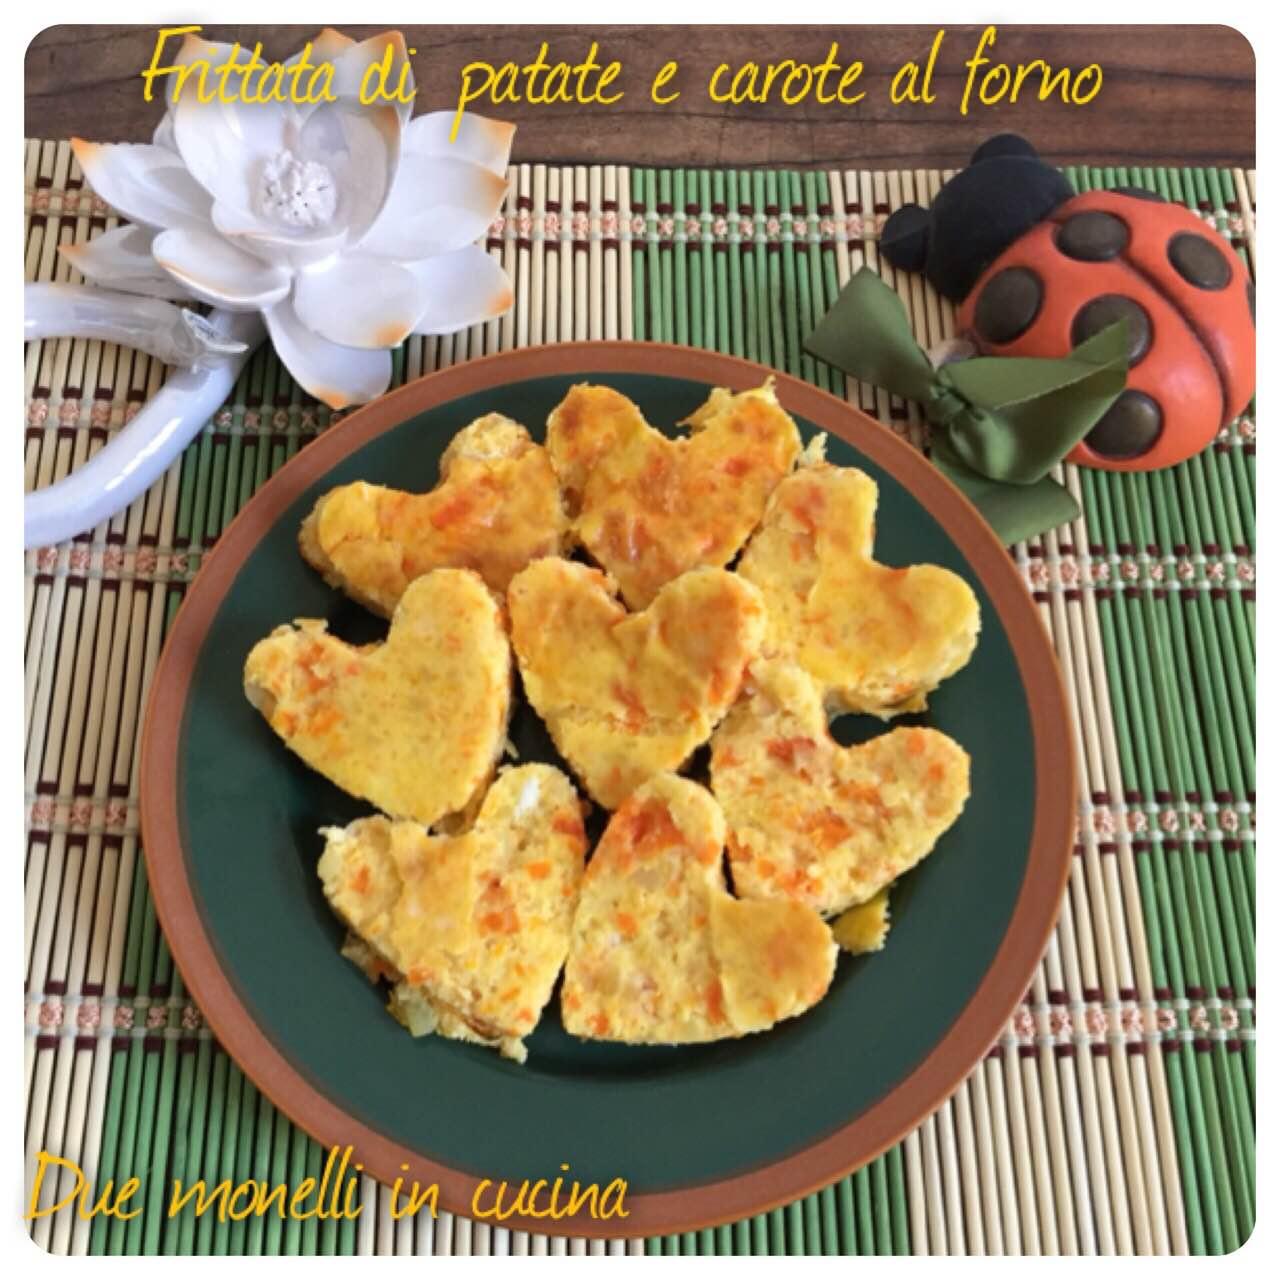 Frittata di patate e carote al forno